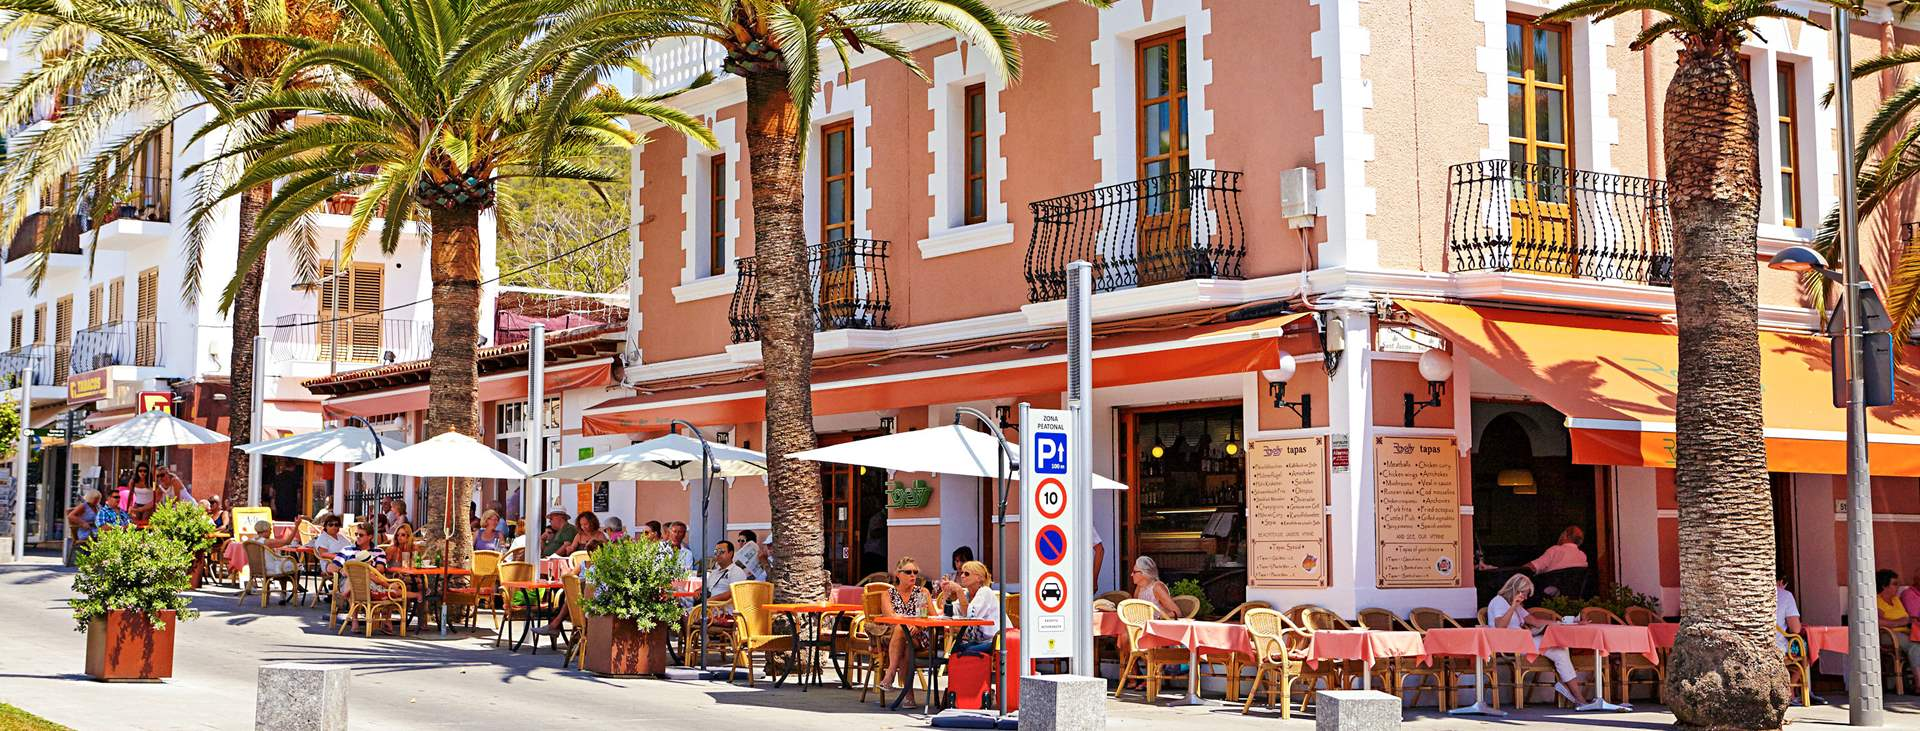 Tjäreborgin kautta joustavasti reittilennoilla Santa Eulaliaan, Ibizalle